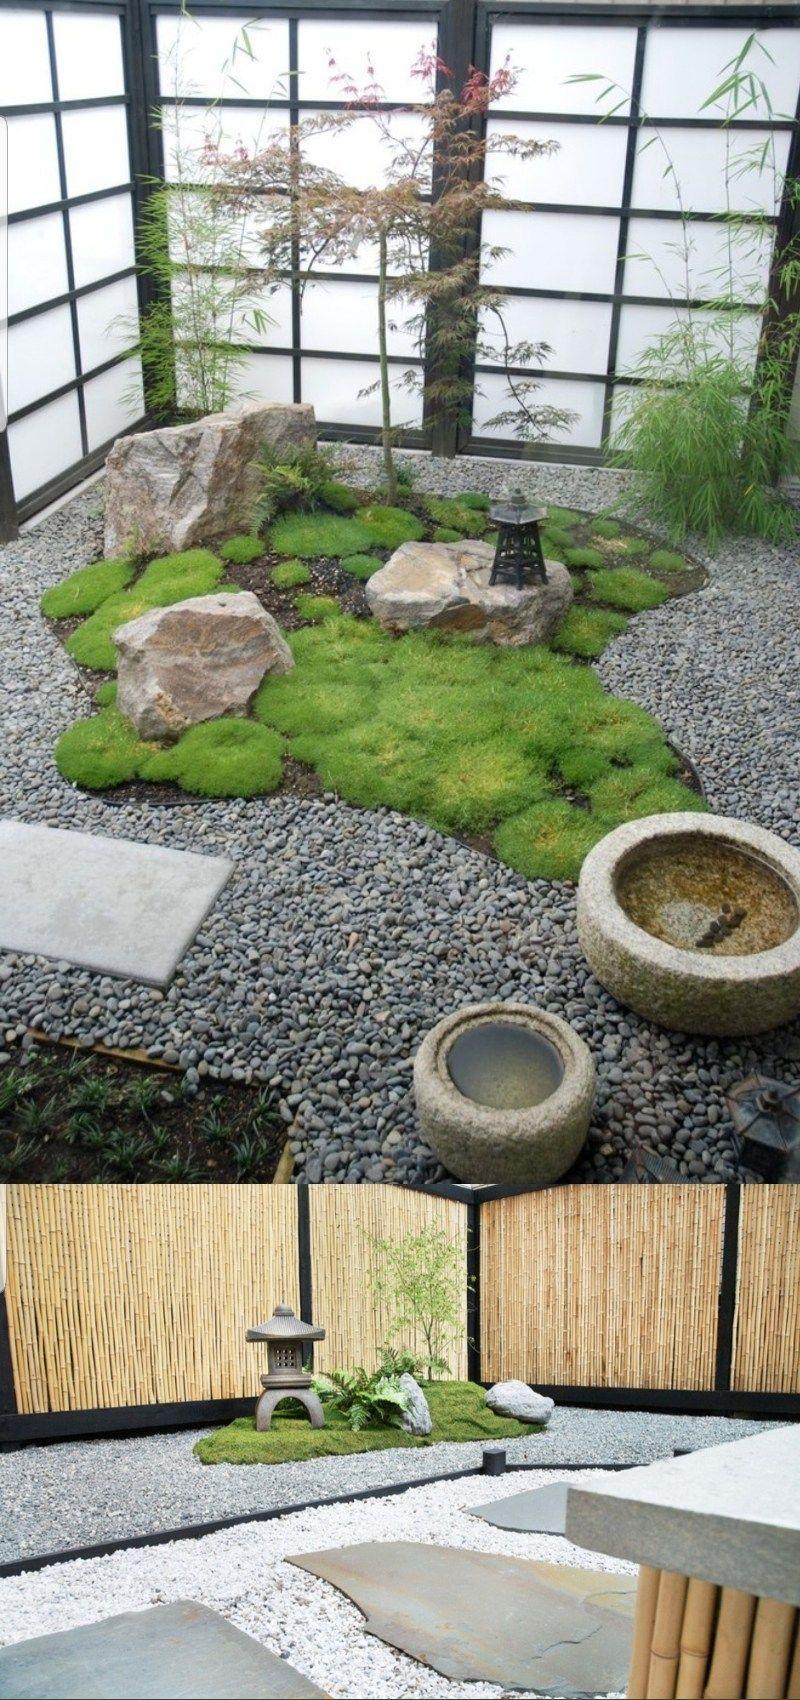 21+ Beautiful Zen Garden Ideas 2019 #zengarden #Miniature ...